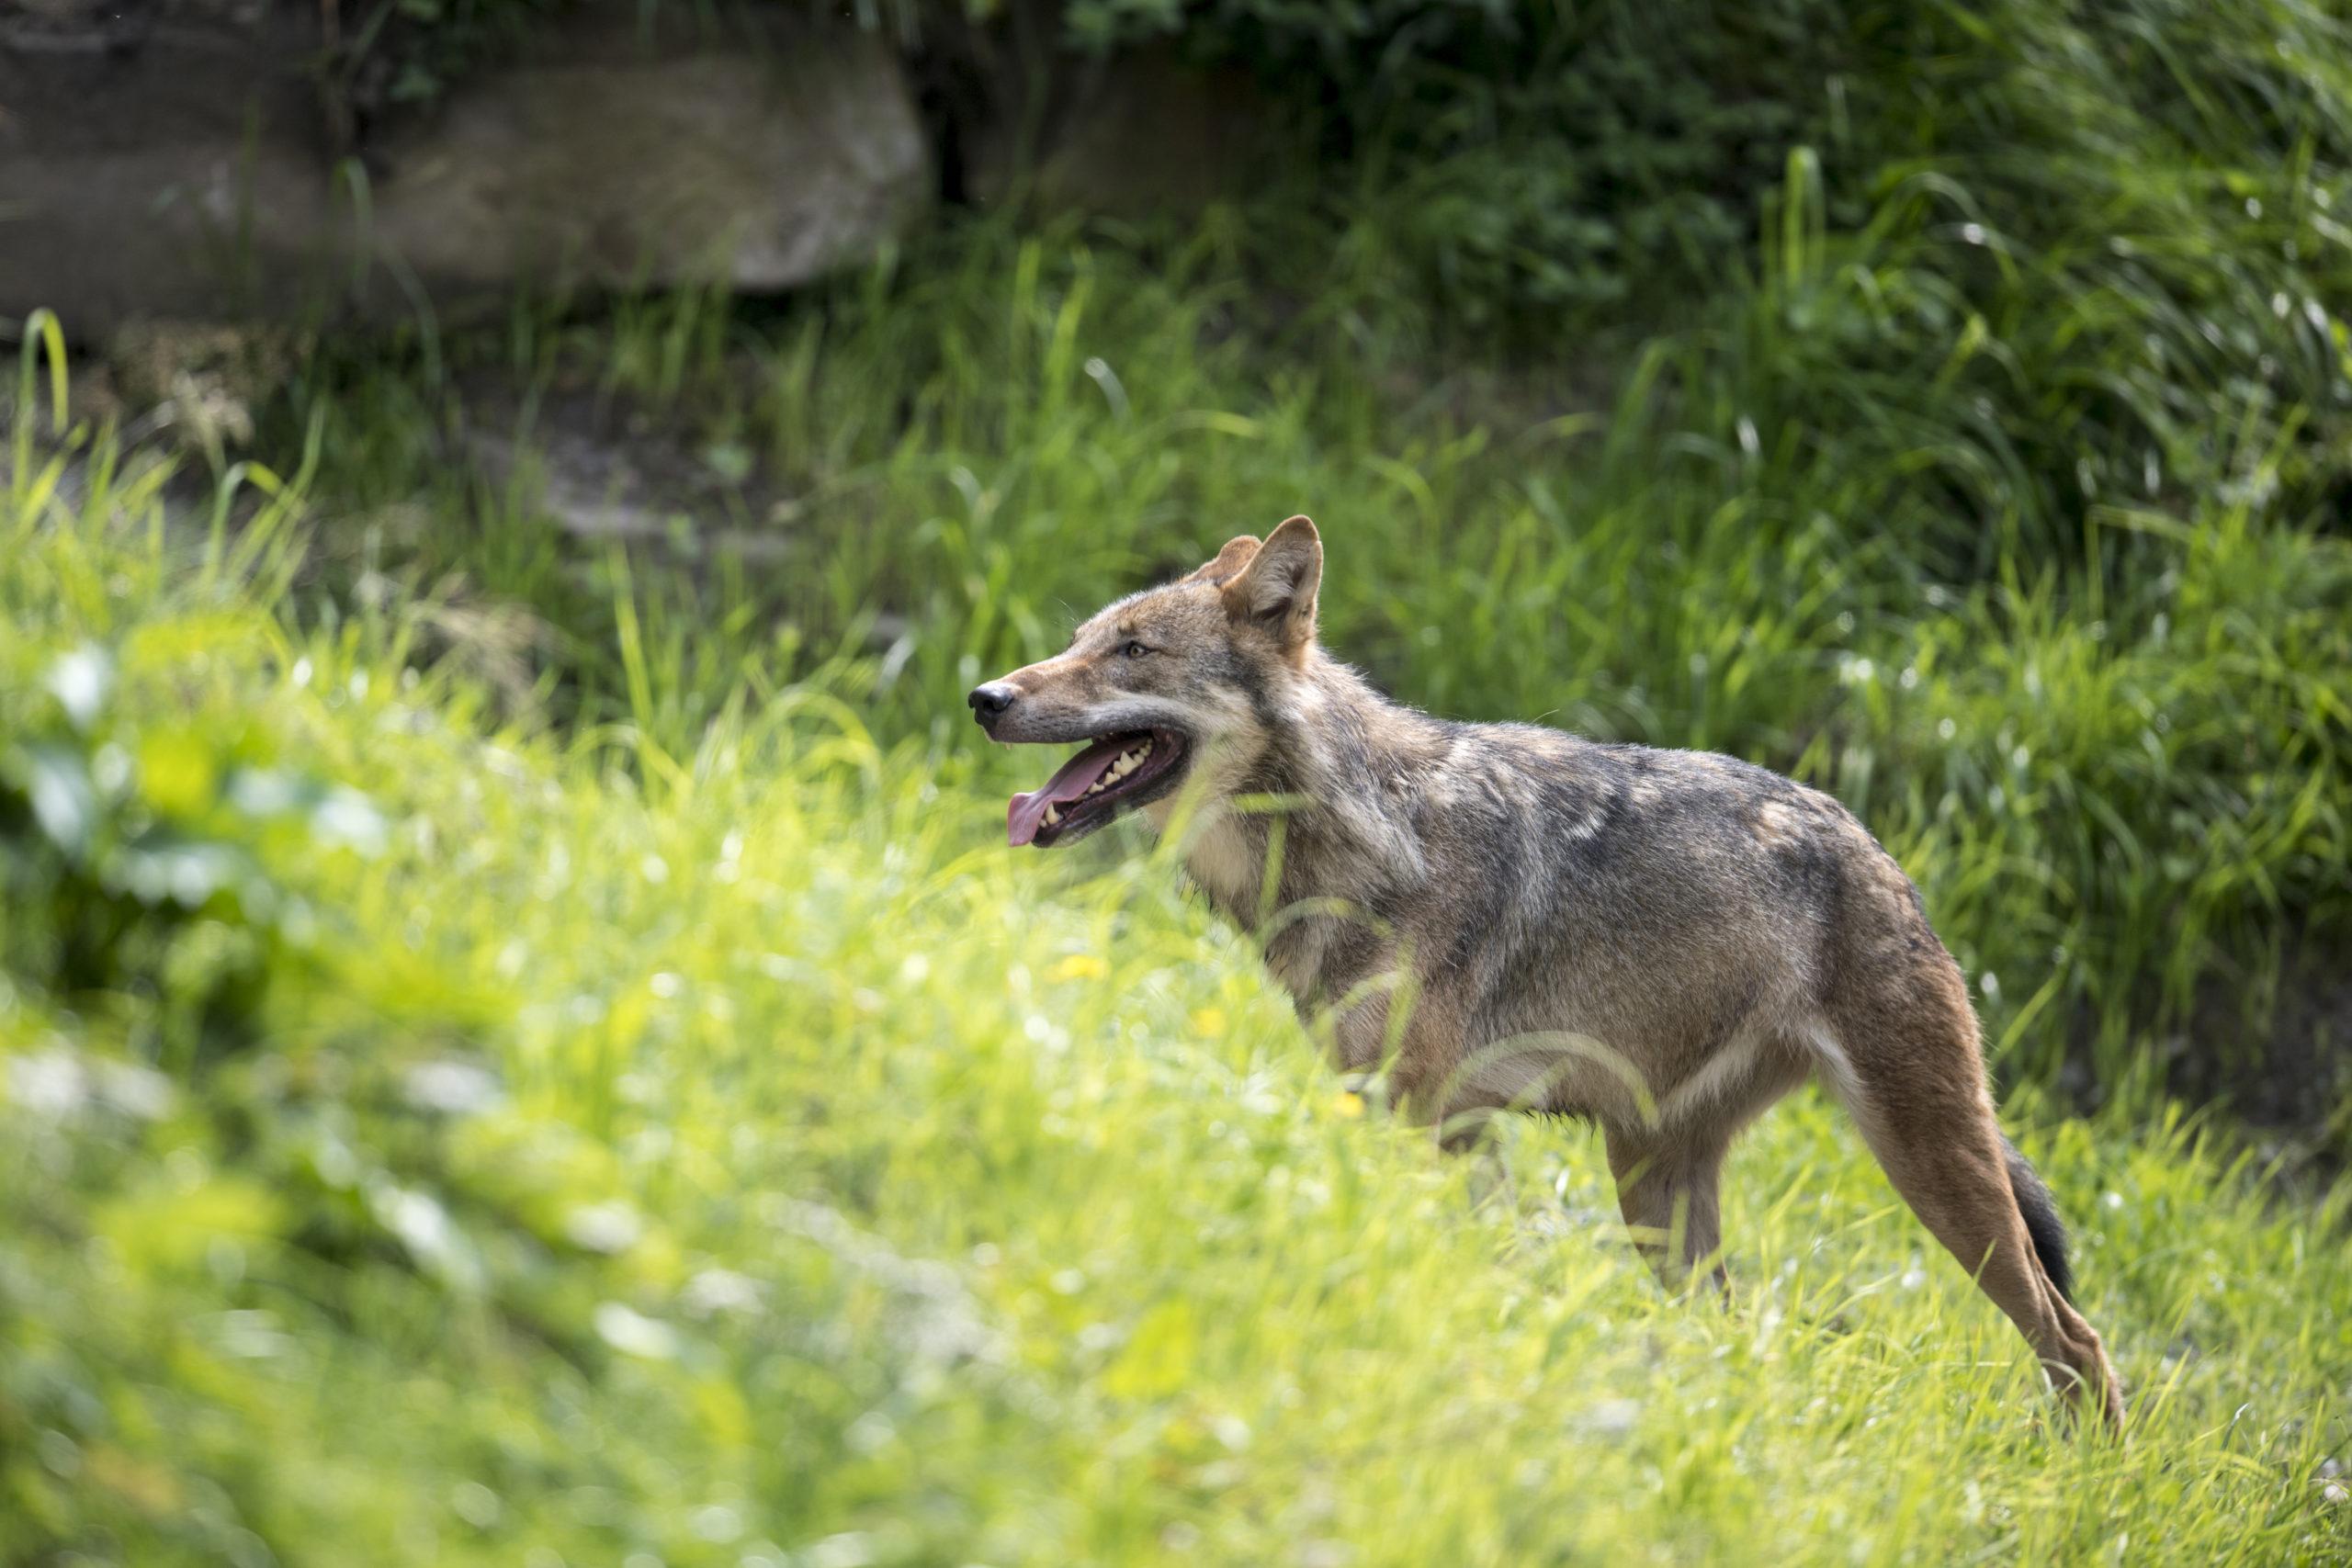 c Daniel Schwab - Naturfotografie Der Wolf im neuen Gehege.